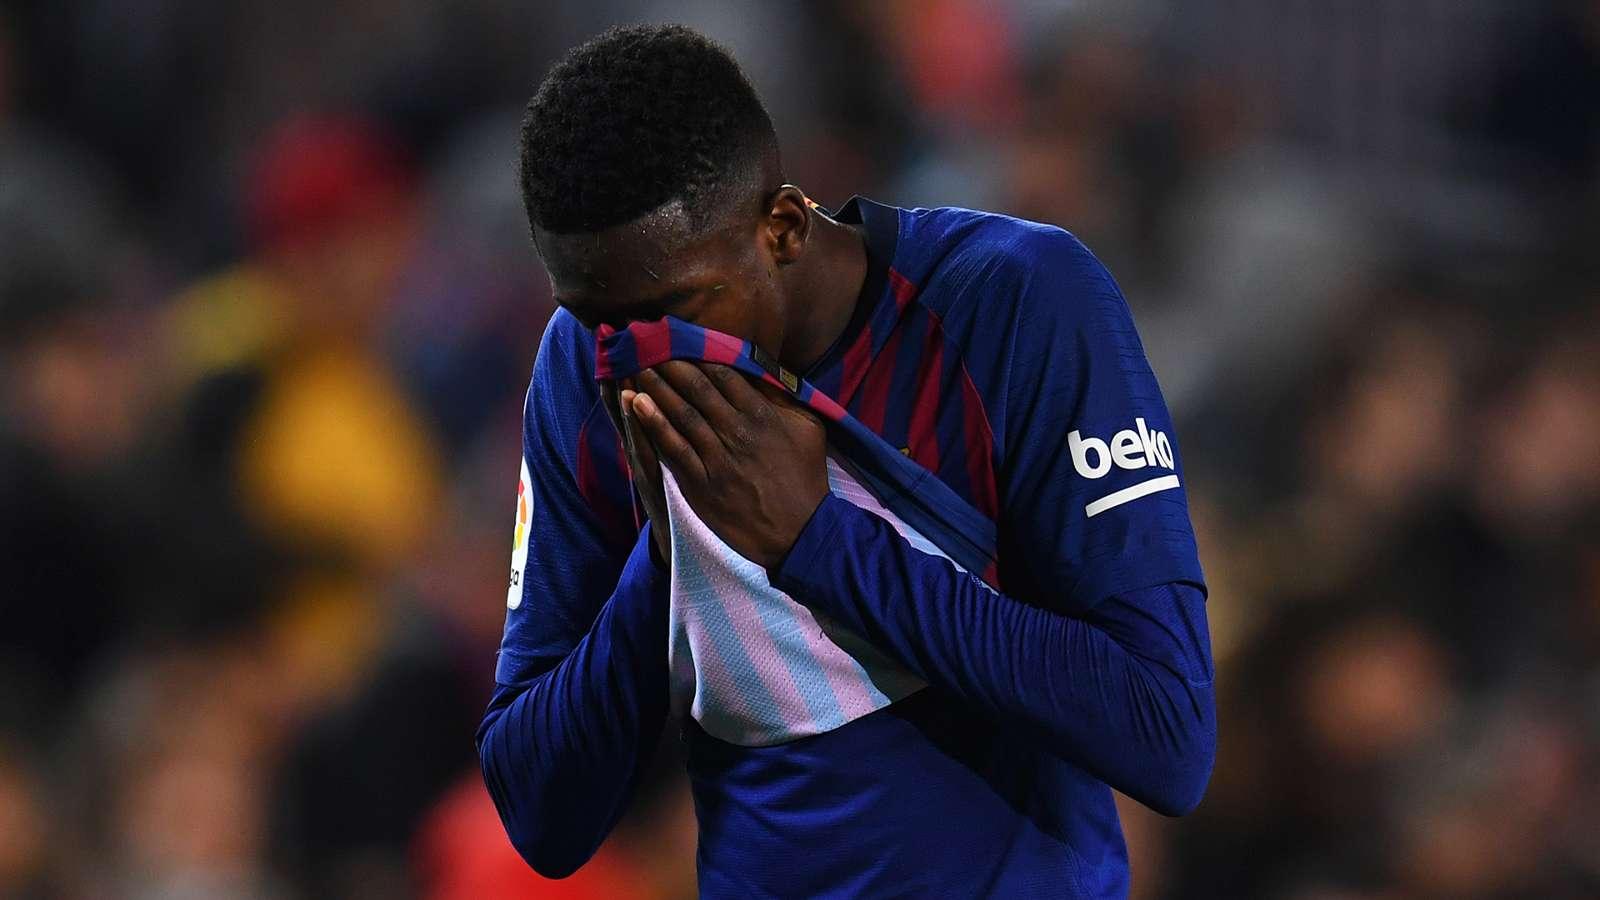 فالفيردي يُقرر استدعاء بديل ديمبيلي لموقعة ريال بيتيس